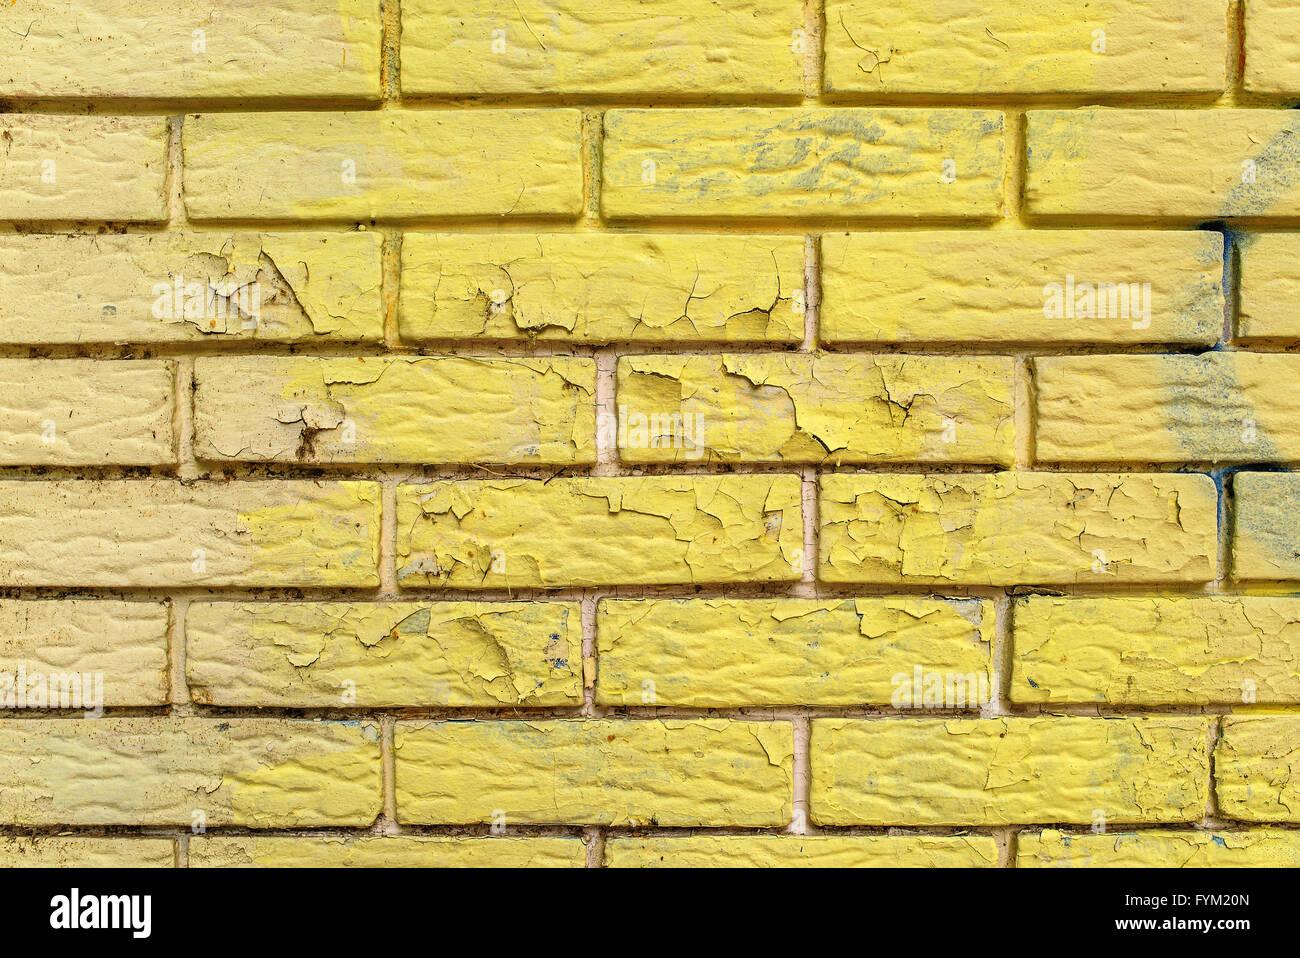 Gelbe Farbe Abblättern Des Ziegel Mauerwerk Wandfläche, Städtische Textur